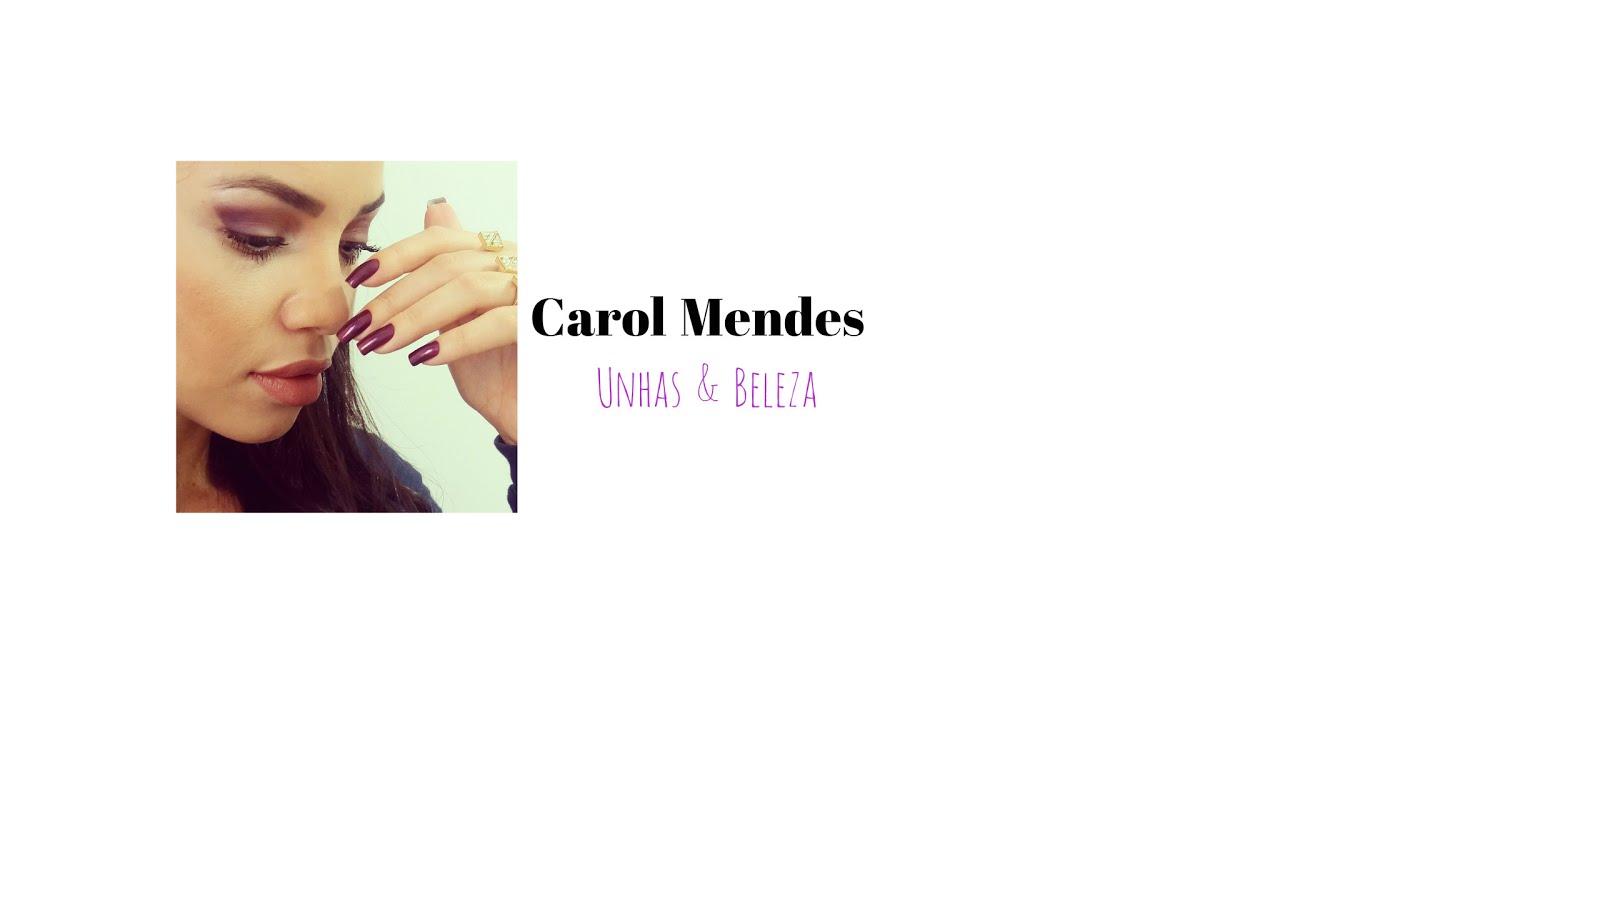 Carol Mendes Nail